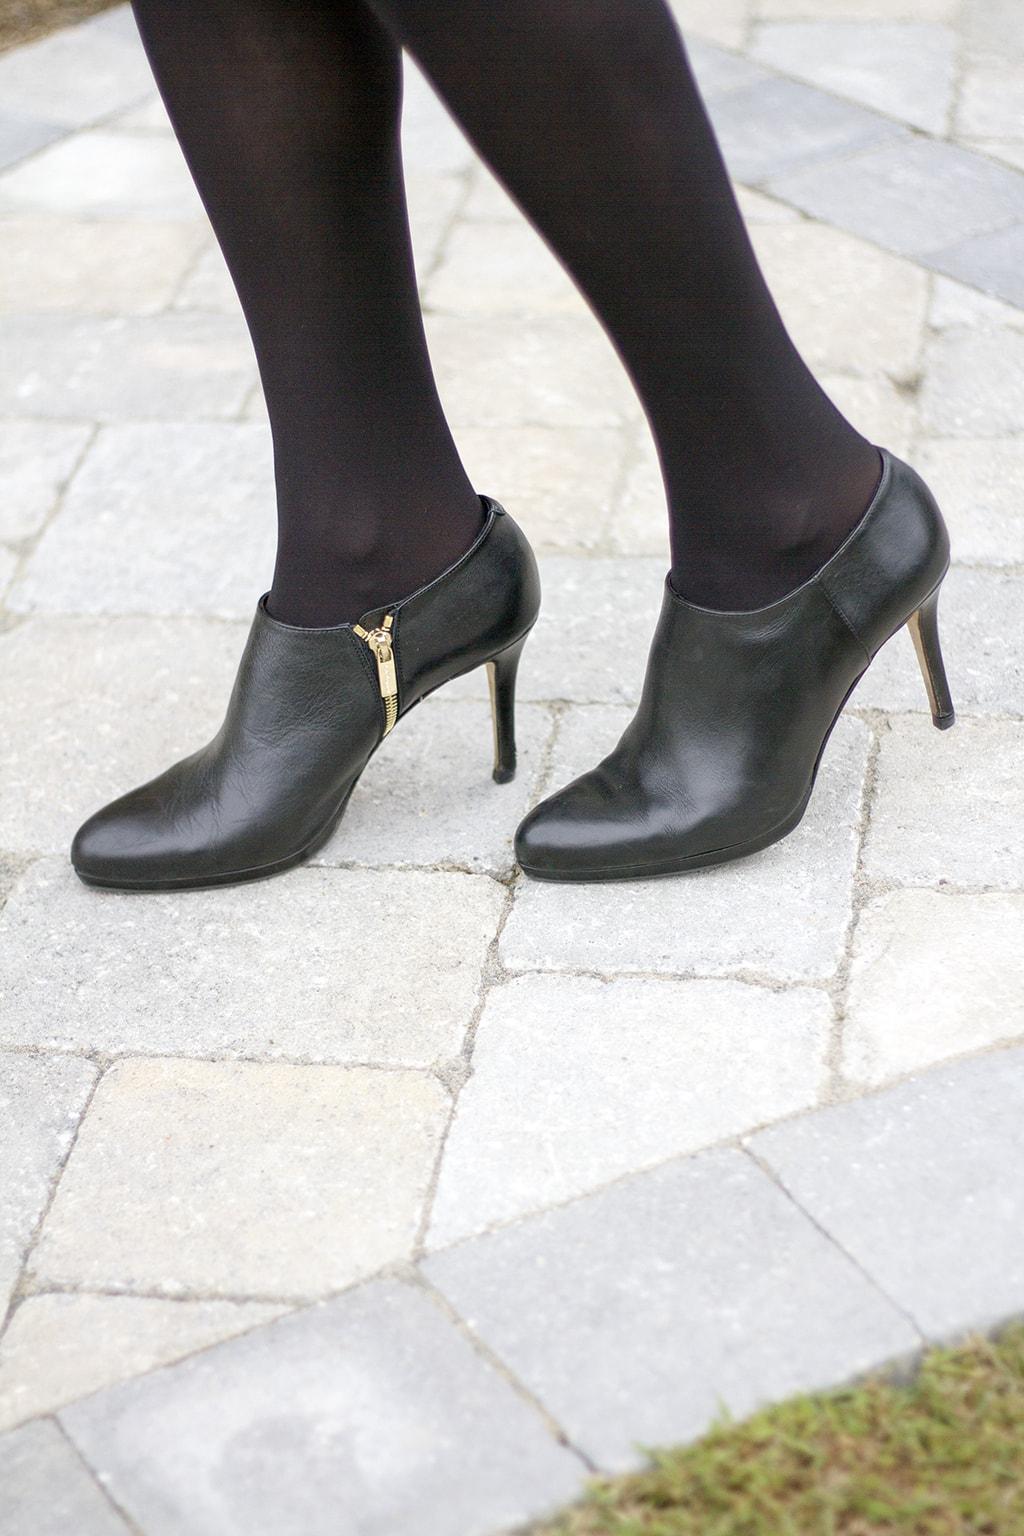 Black dressy booties